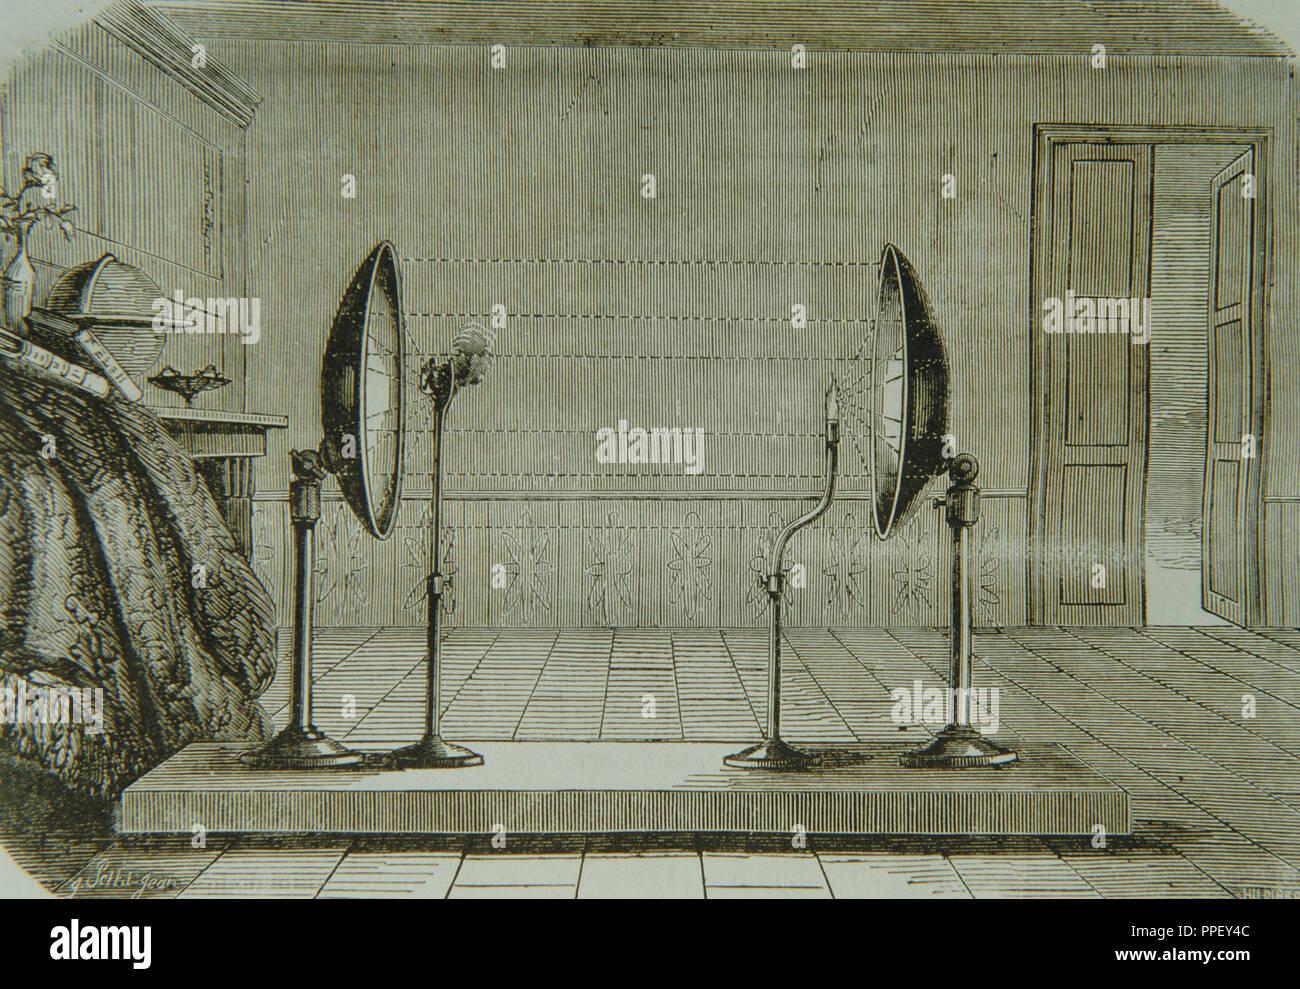 Experimento con espejos cóncavo. Los rayos reflejados en el espejo, a la misma distancia del eje principal, son simétricos. En el punto donde chocan, encontrará el punto focal o foco principal del espejo. Grabado, 1858. Foto de stock